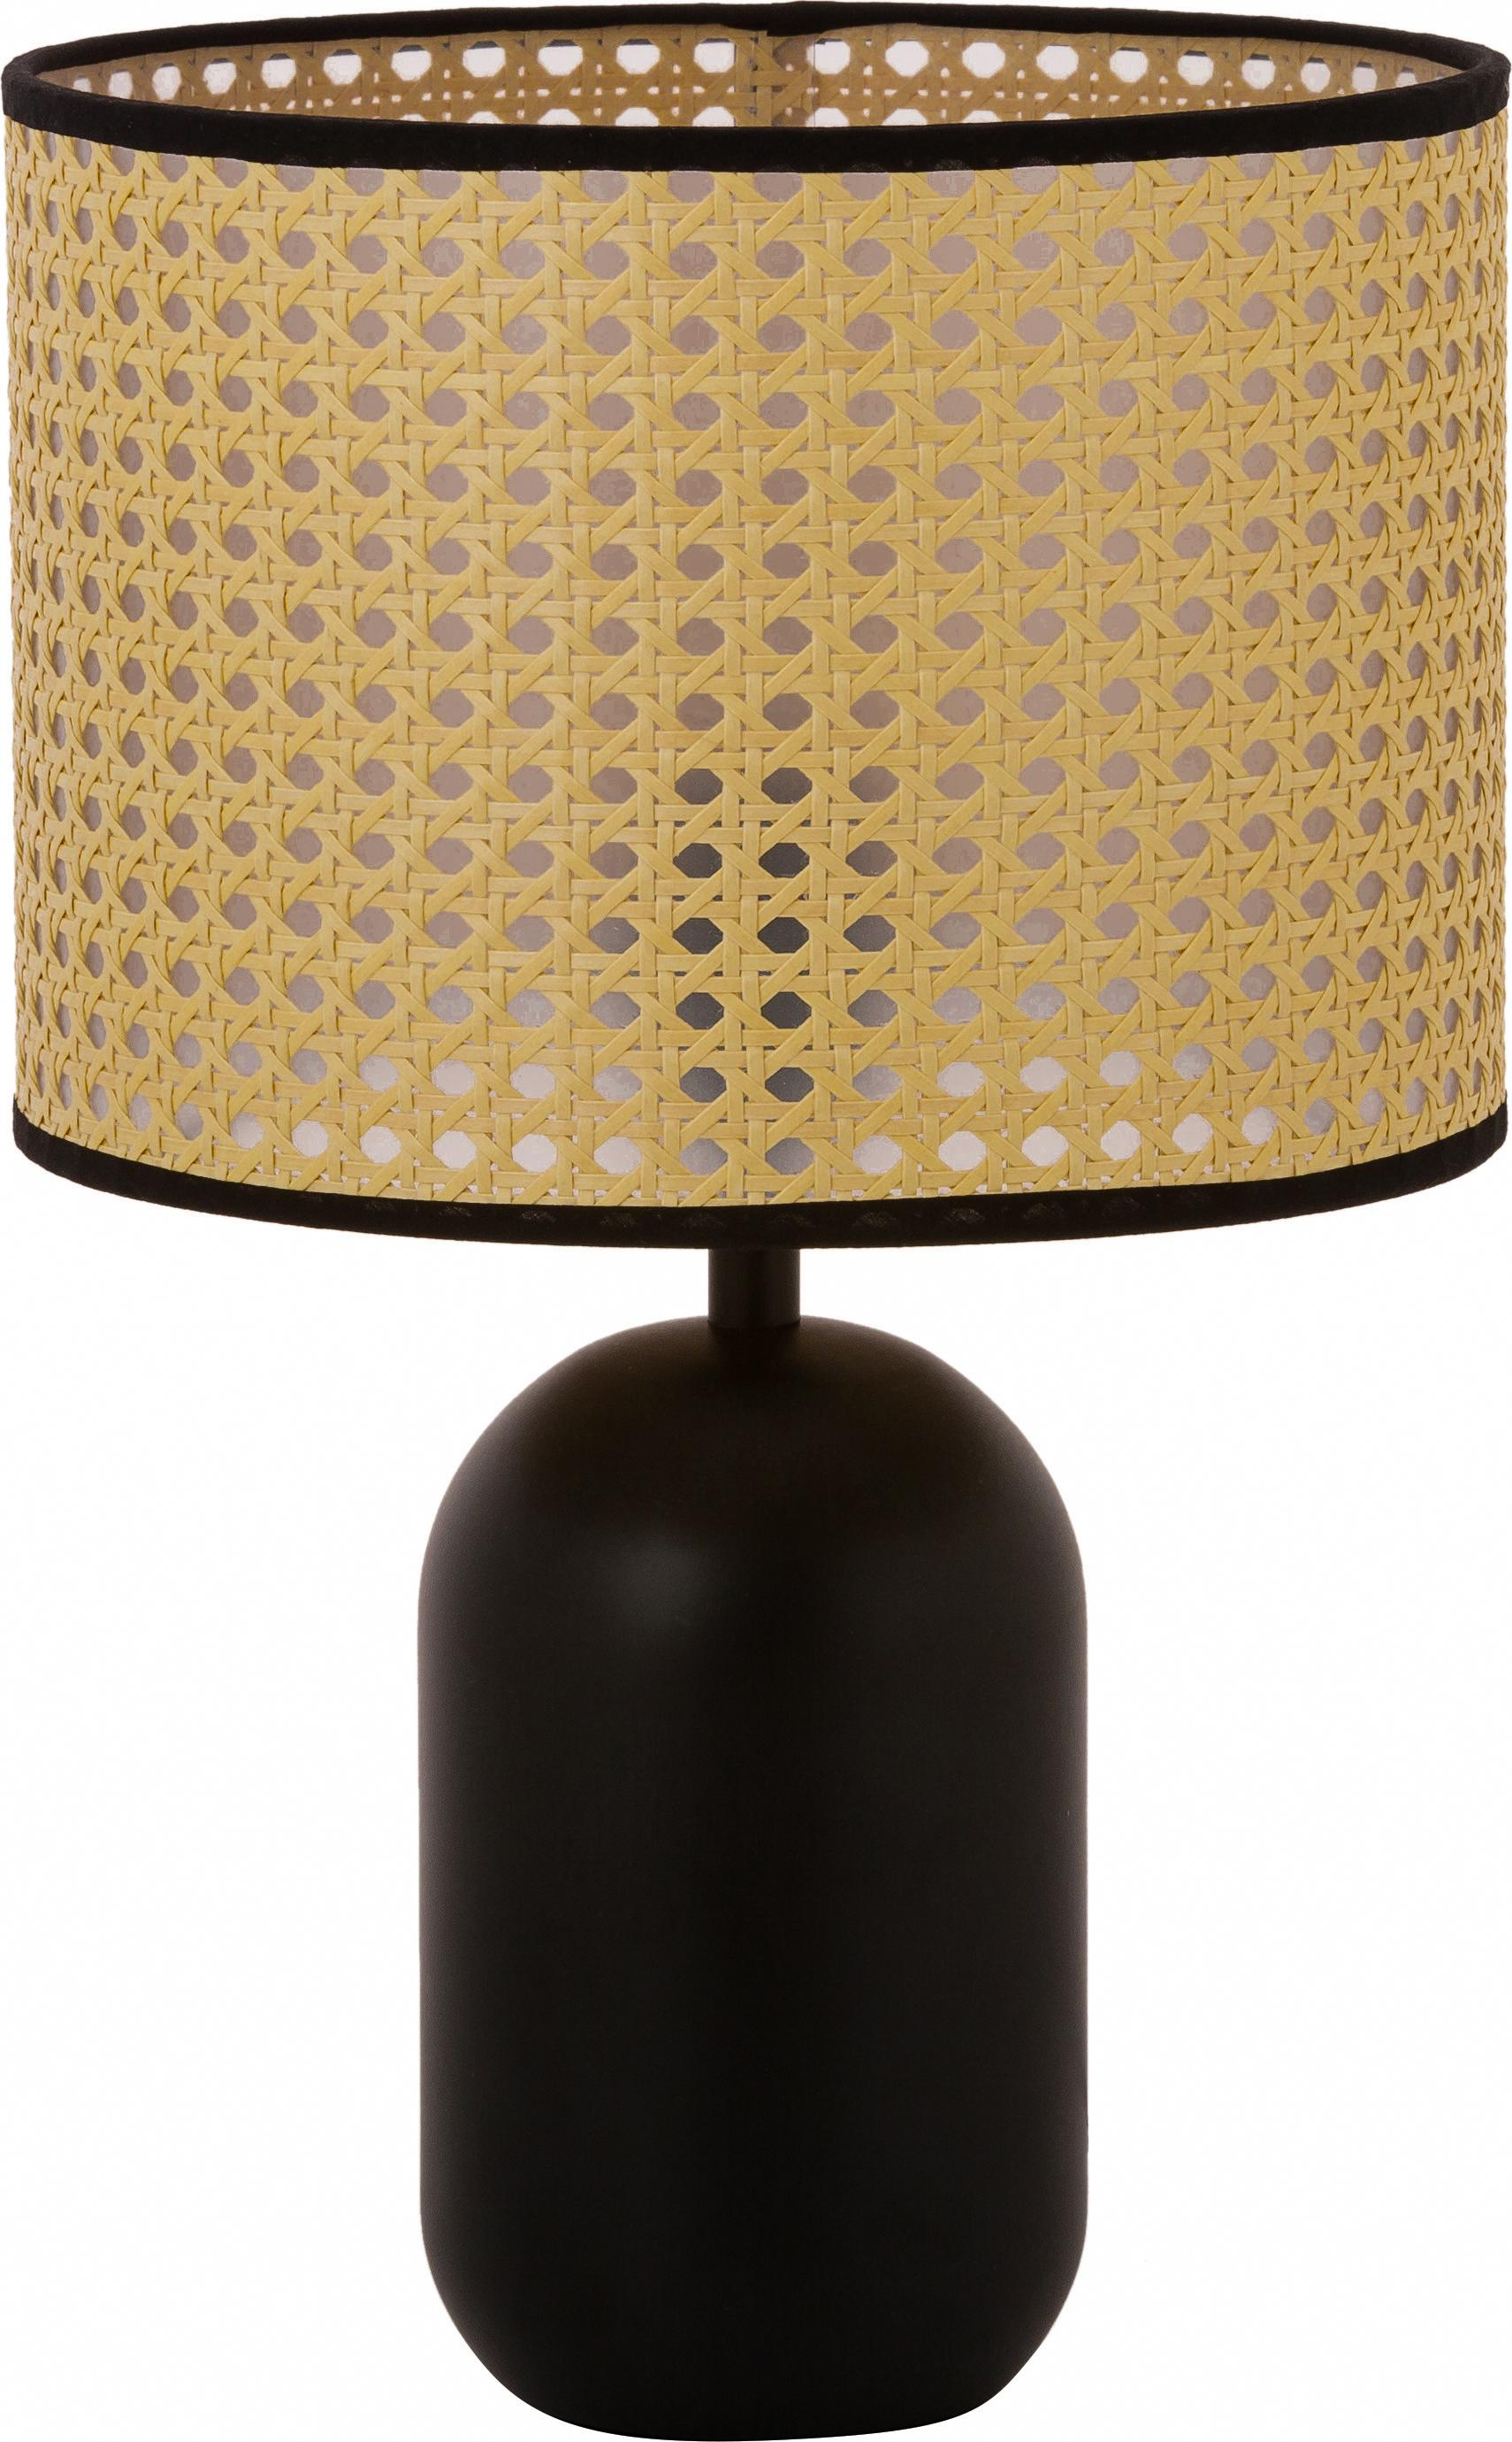 Tischlampe Vienna aus Wiener Geflecht, Lampenschirm: Kunststoff, Lampenschirm: Beige, SchwarzLampenfuss: MattschwarzKabel: Schwarz, Ø 25 x H 39 cm